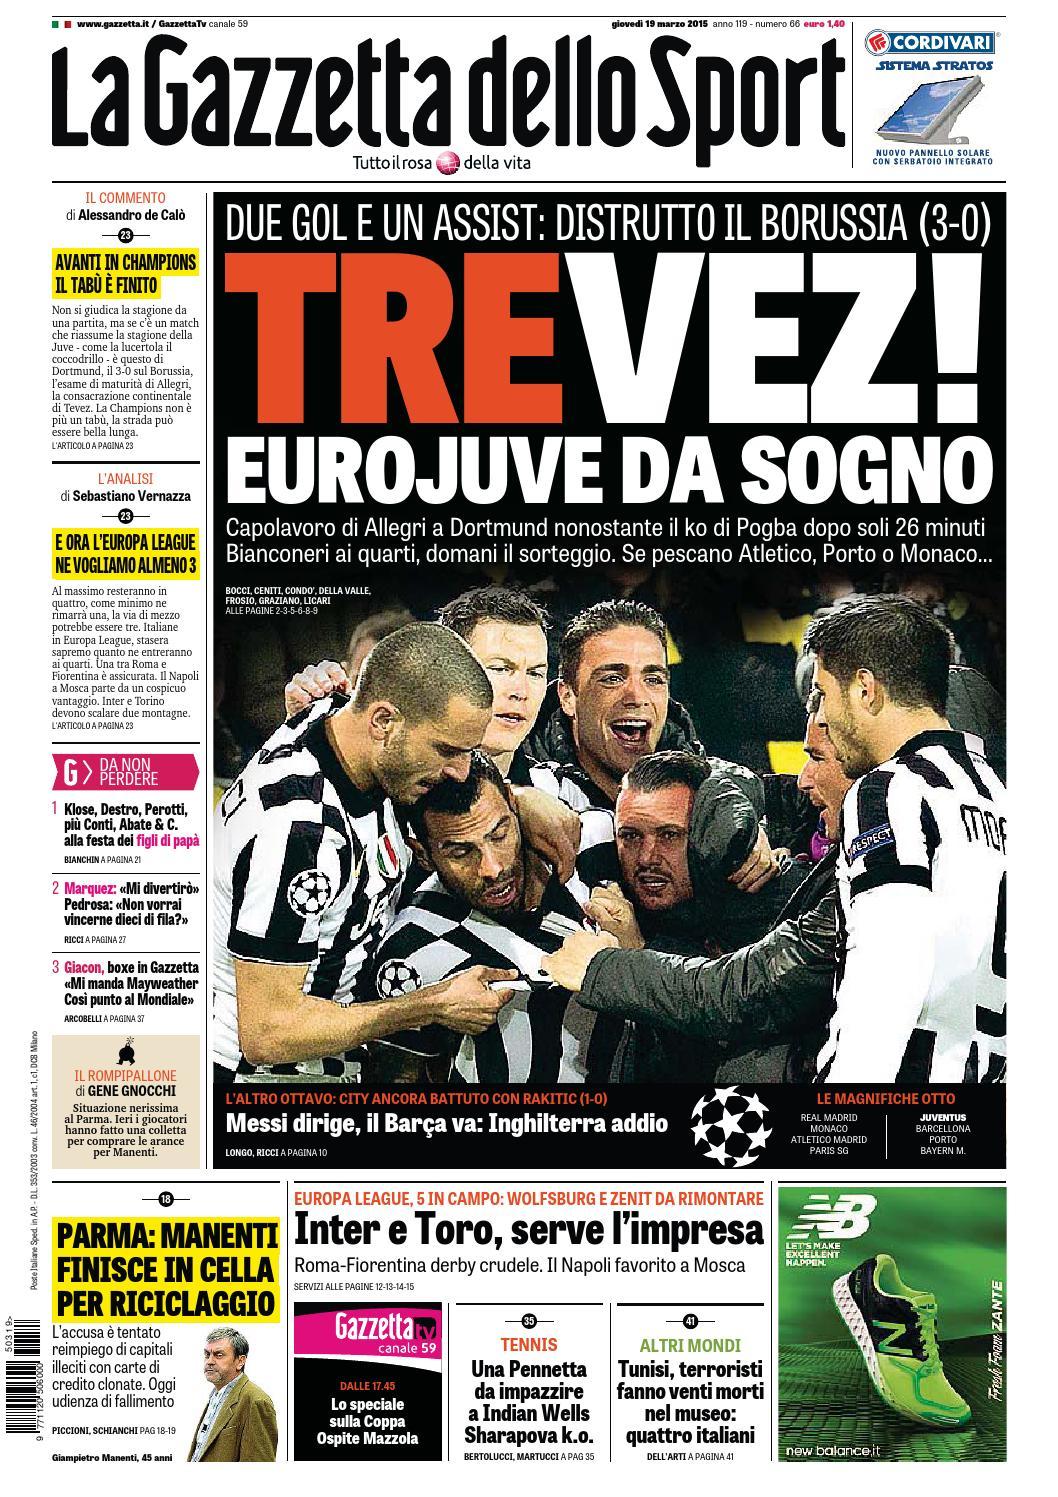 La Gazzetta dello Sport (03-19-2015) by Nguyen Duc Thinh - issuu a29e4cbe87bb